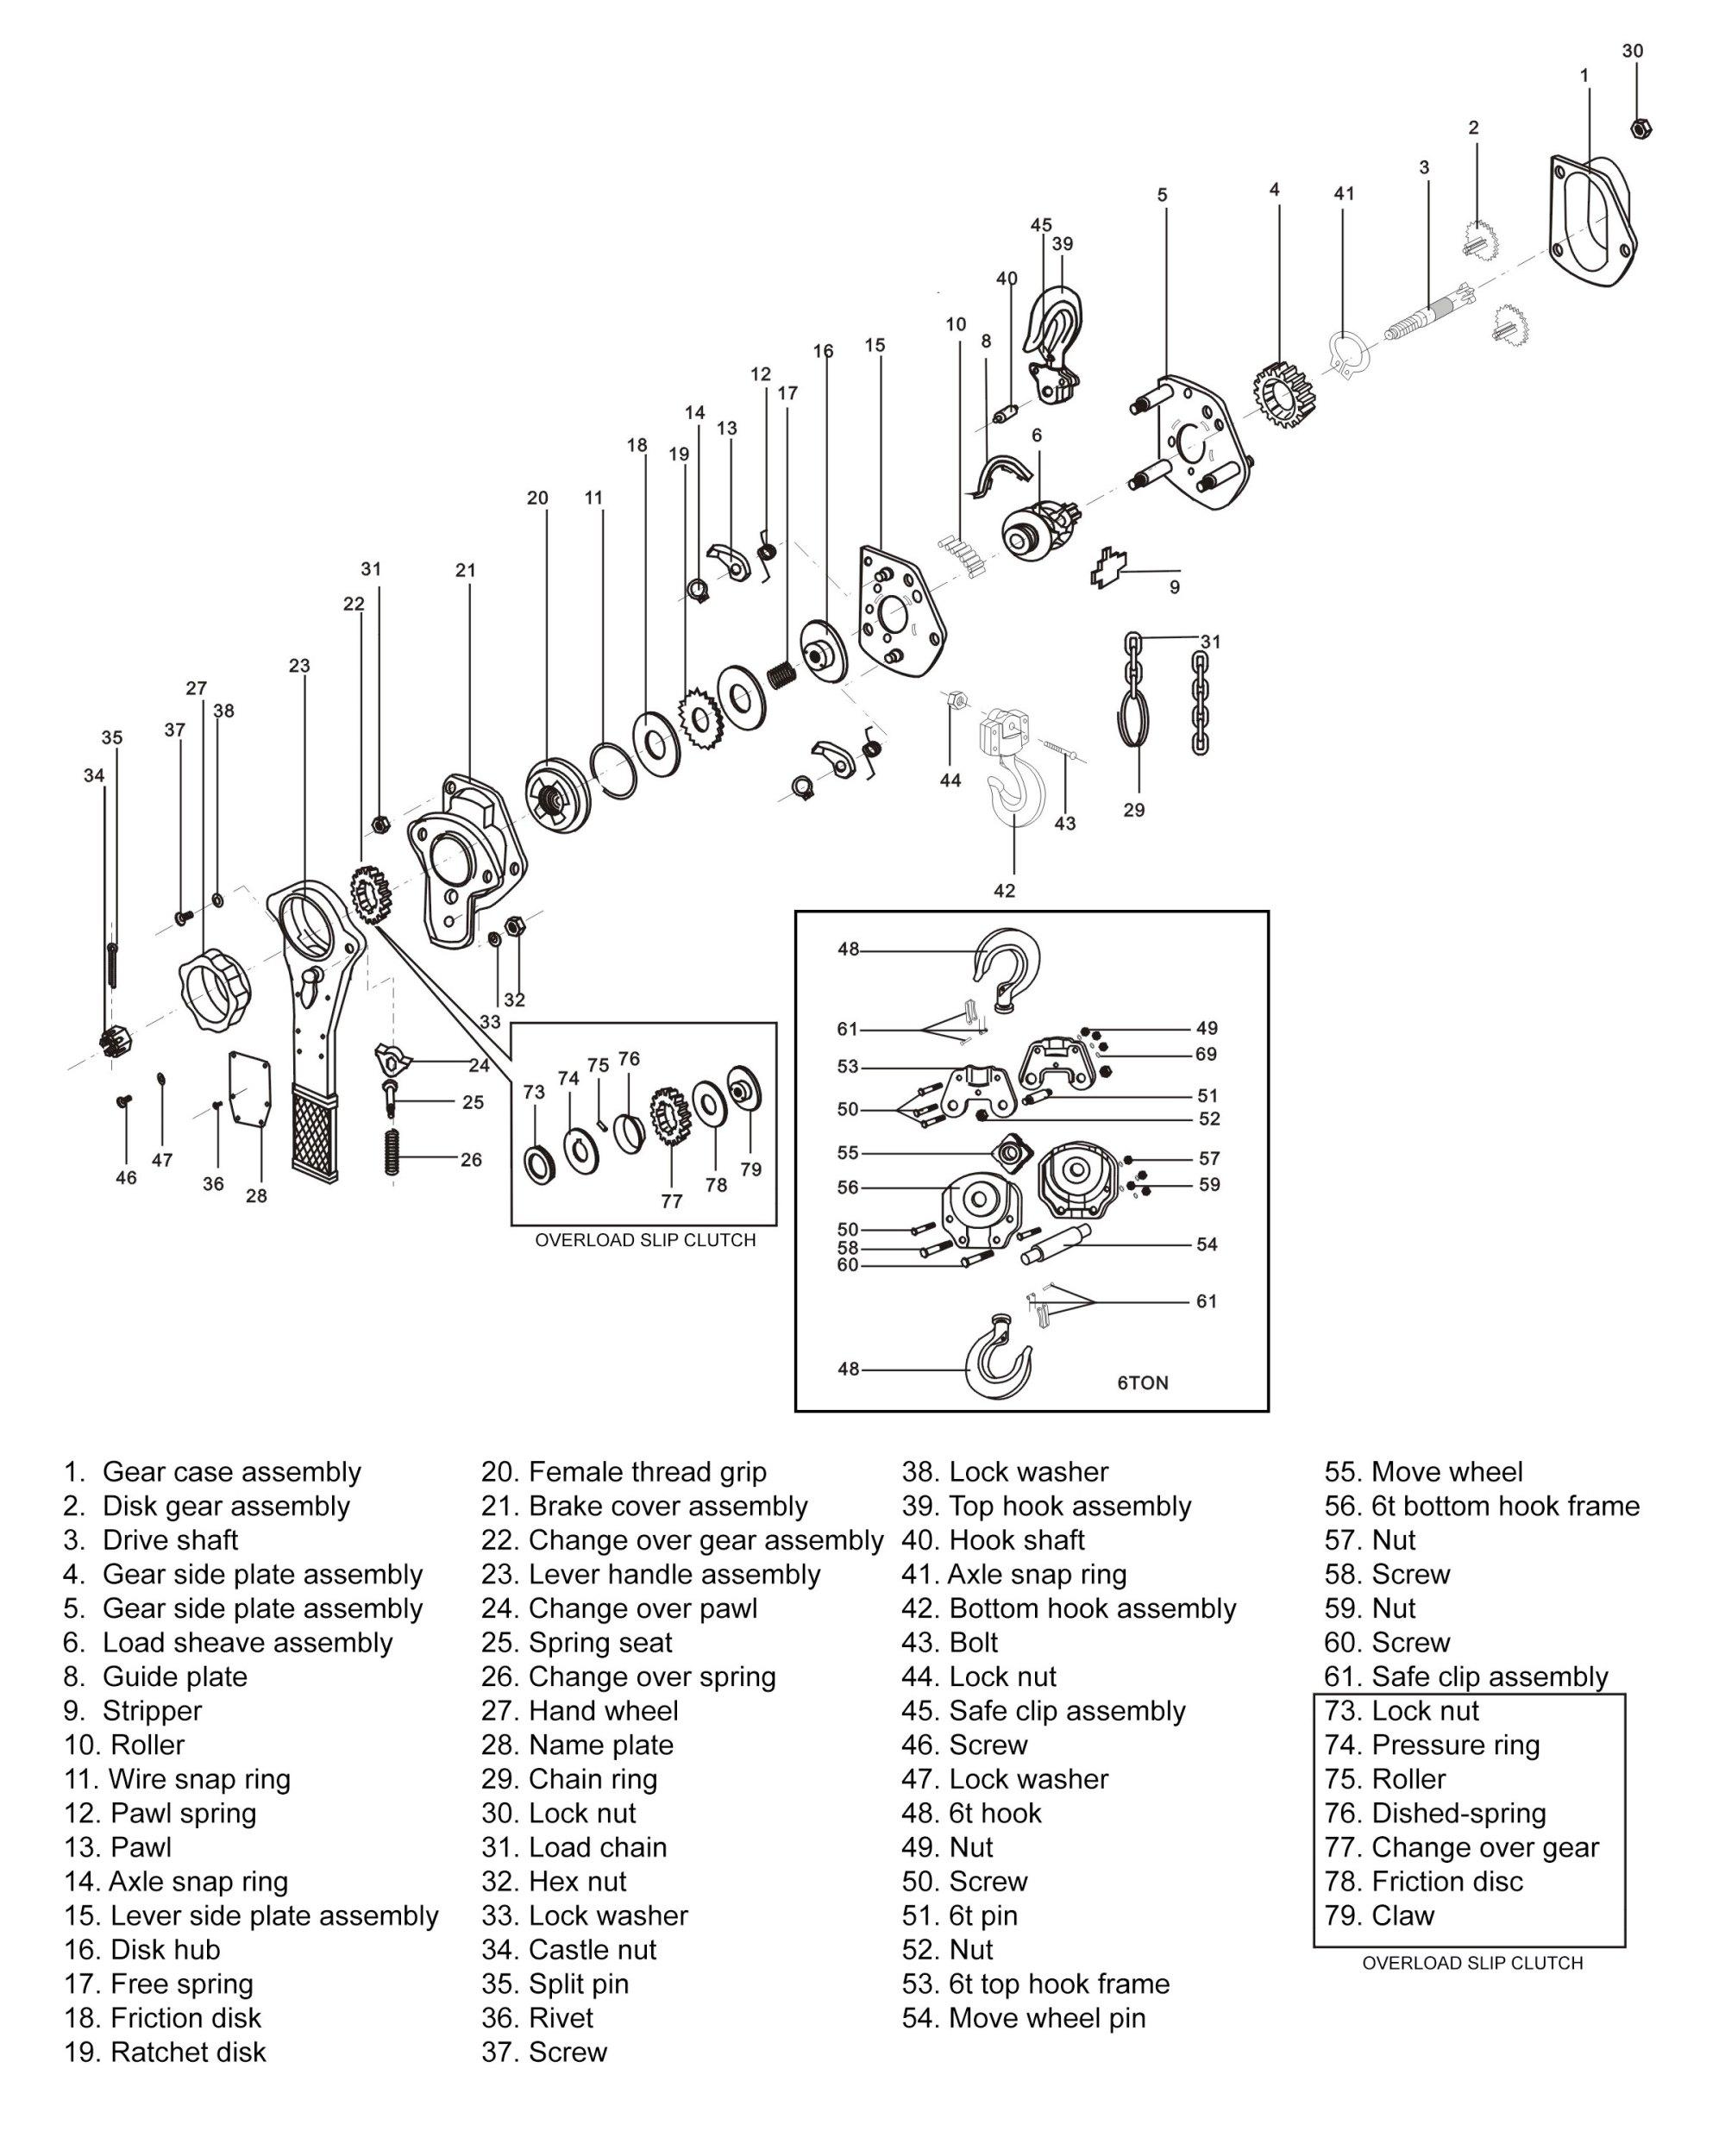 hight resolution of cm hoist parts list wiring diagram wiring diagram third level cm hoist parts list wiring diagram